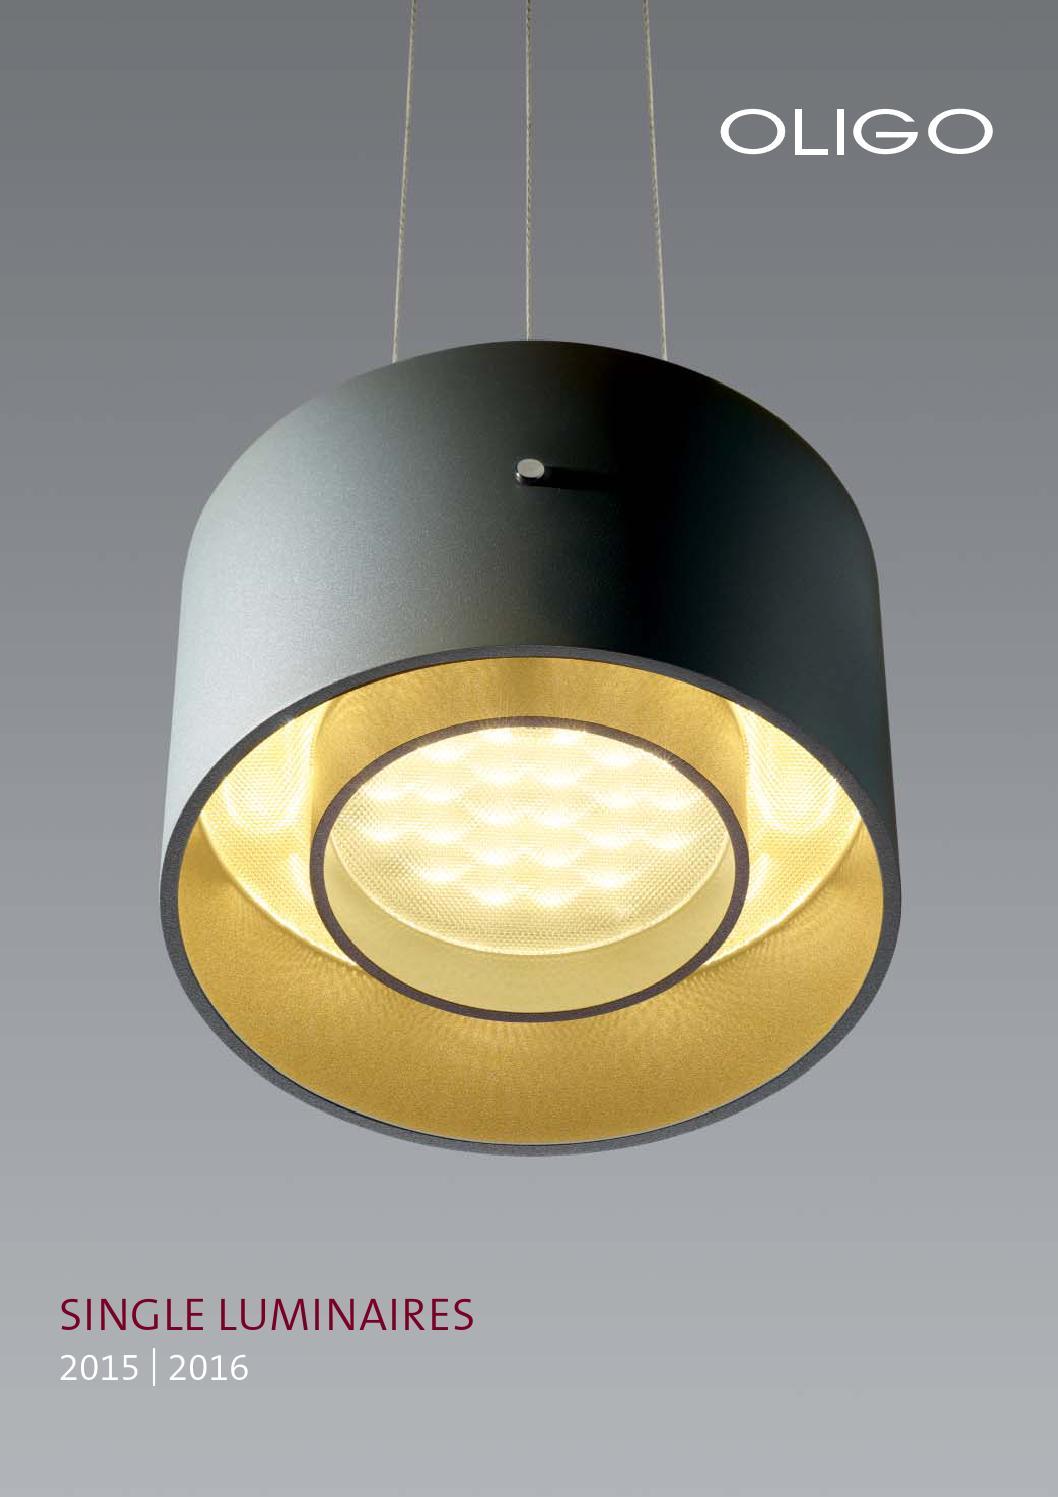 oligo singel luminaires 2015 2016 by ljus i hus ab issuu. Black Bedroom Furniture Sets. Home Design Ideas